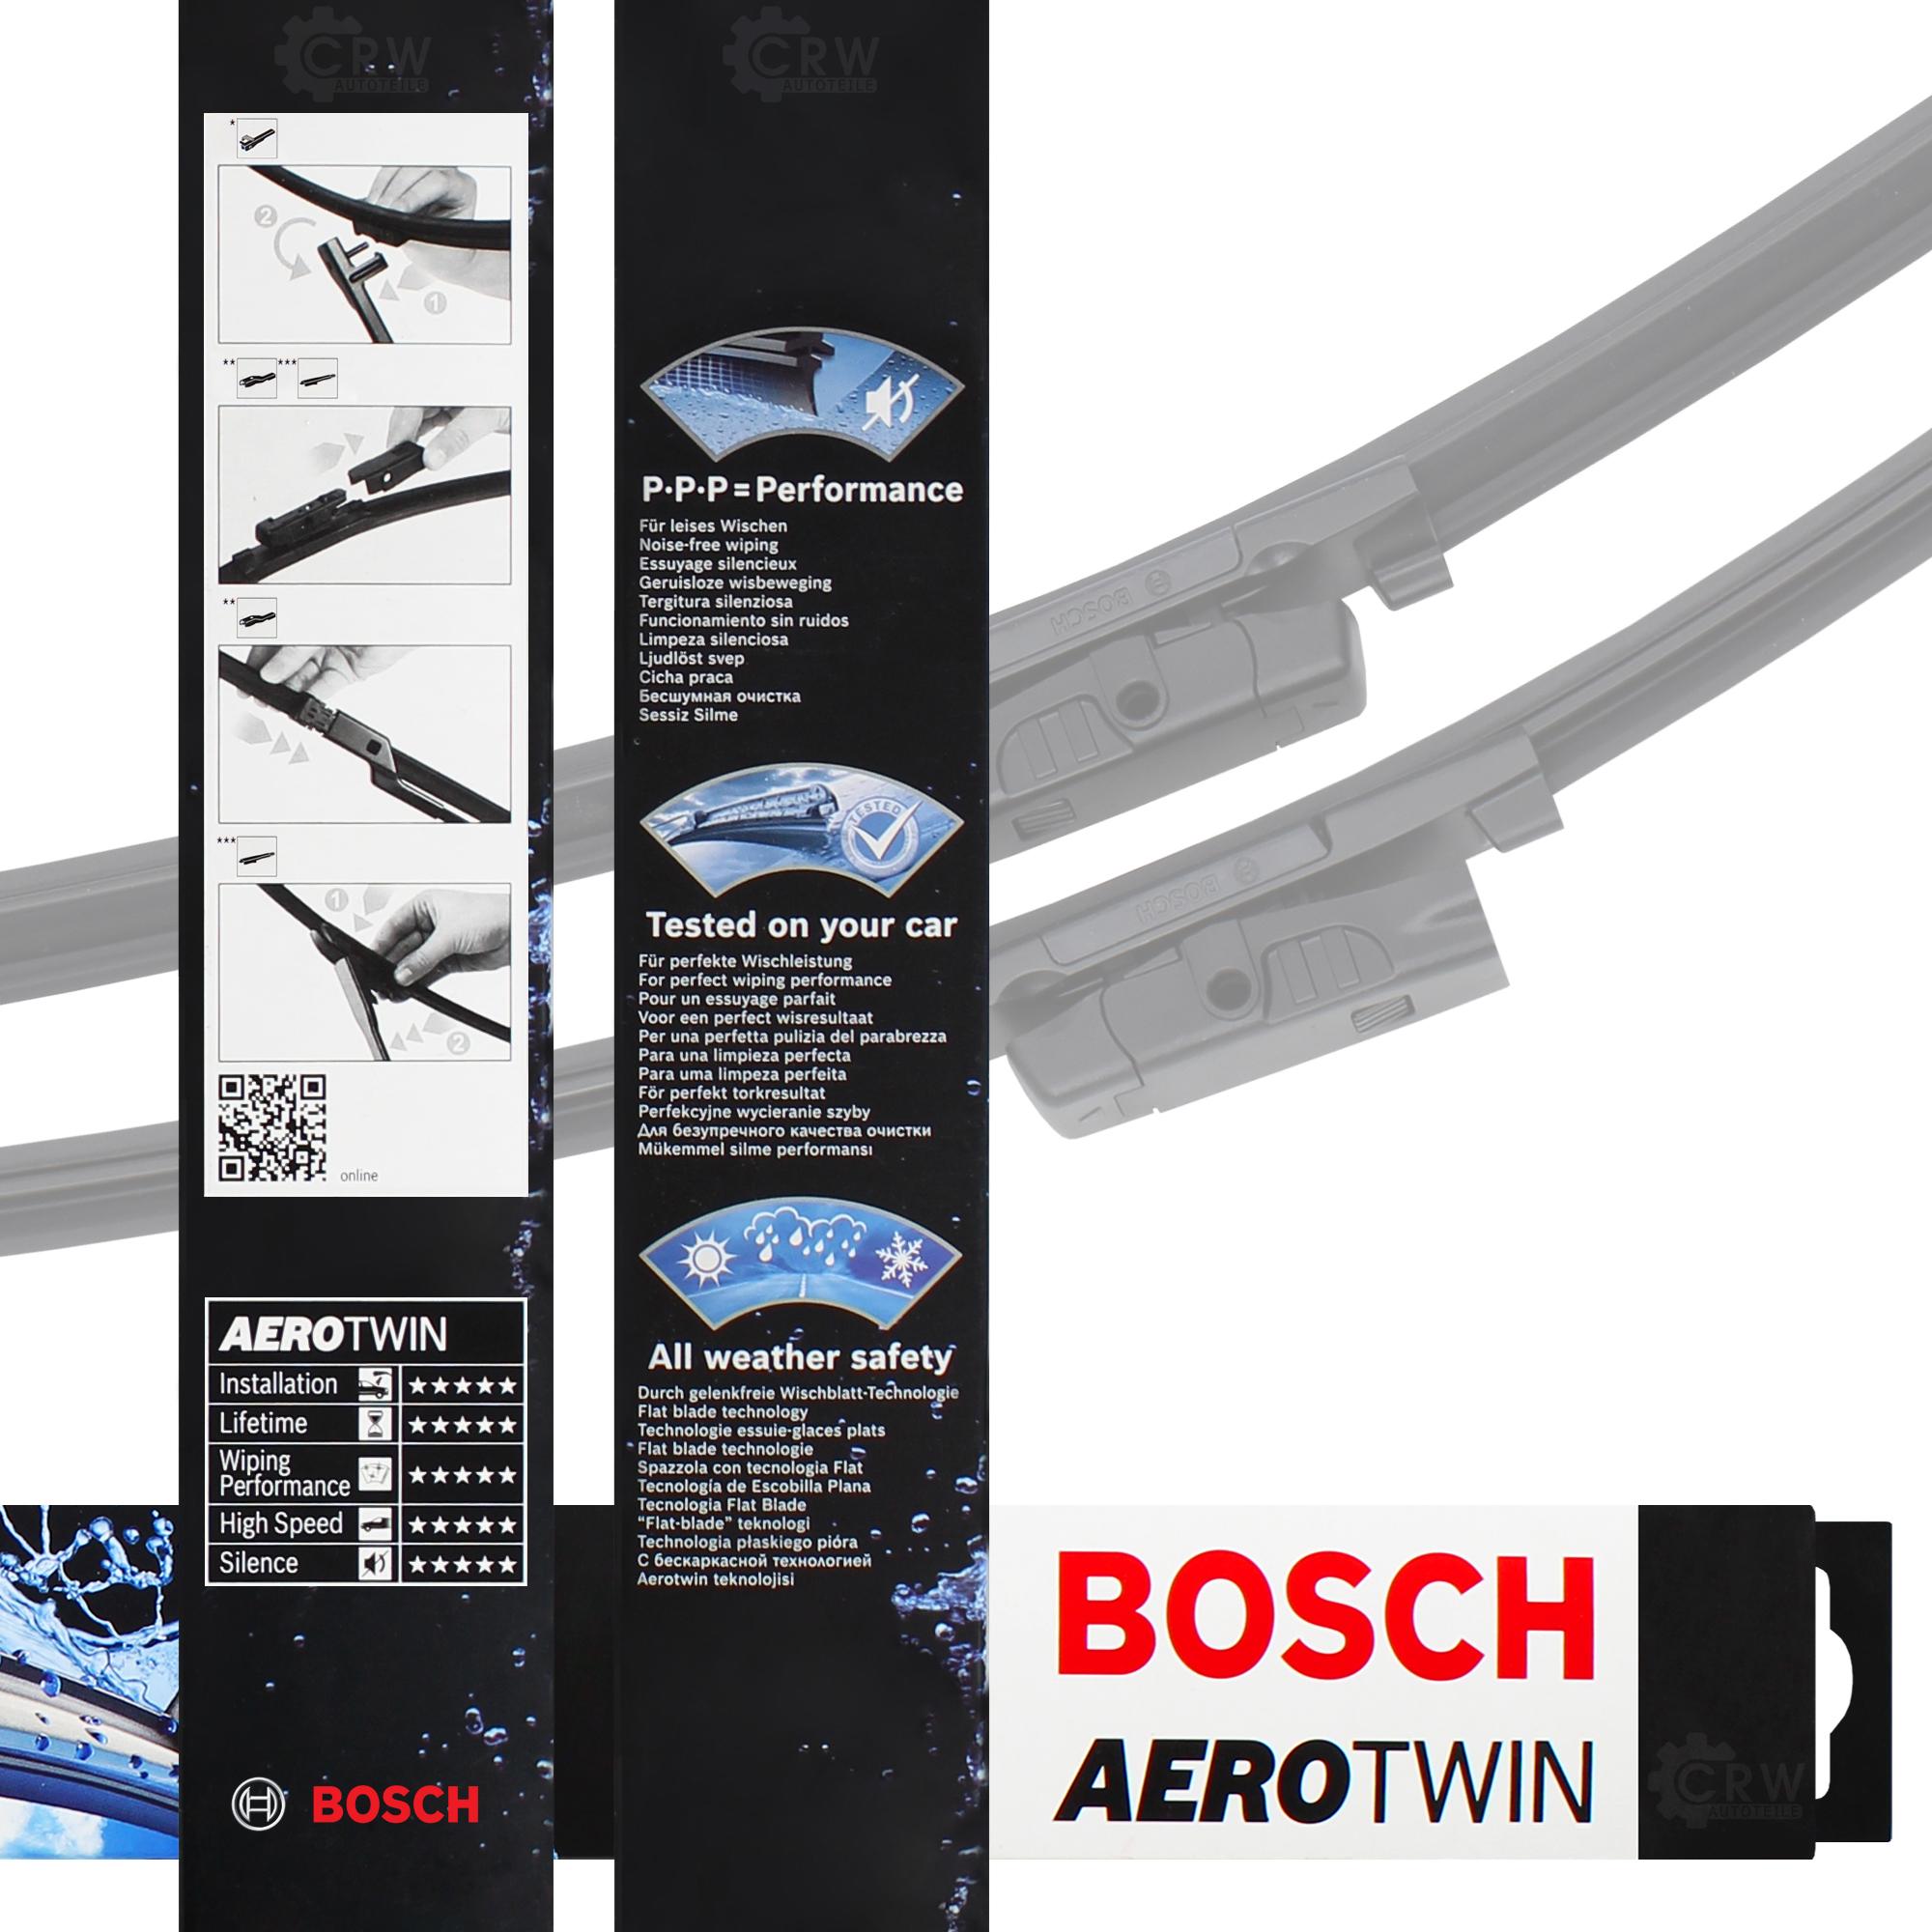 scheibenwischer wischblatt 3397007462 600mm 475mm aerotwin. Black Bedroom Furniture Sets. Home Design Ideas